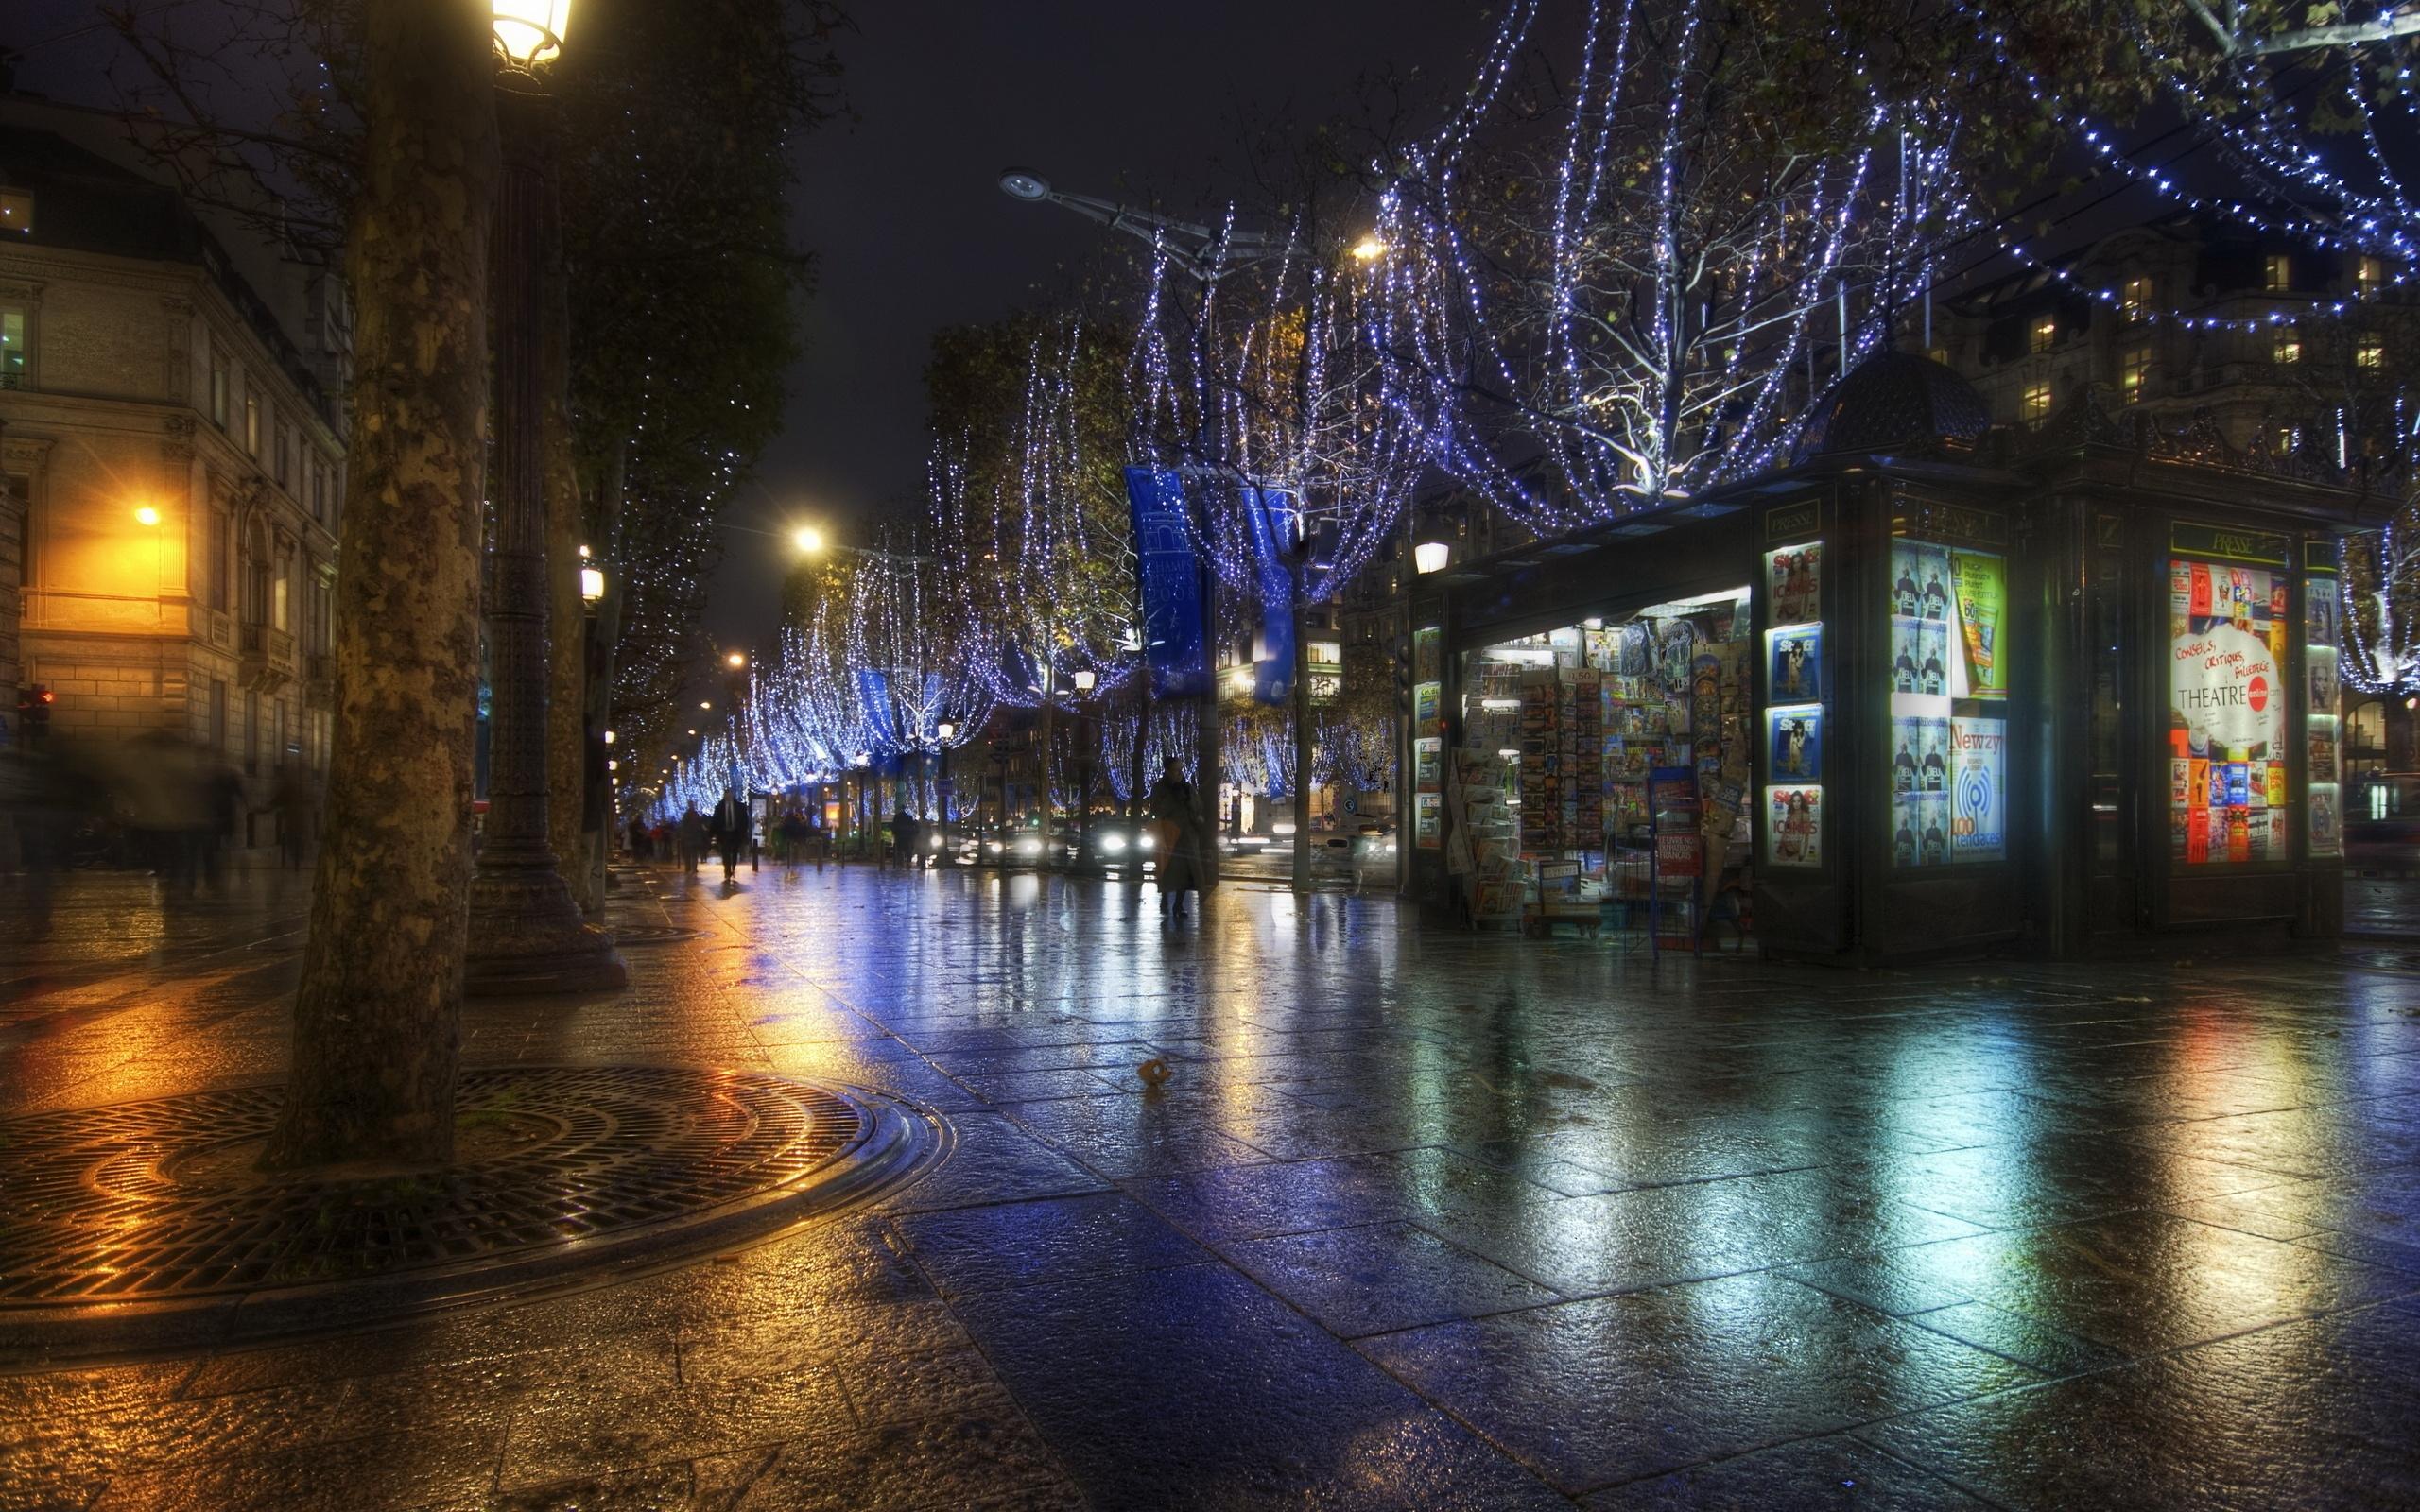 Sfondi : francia notte parigi illuminazione strada hdr